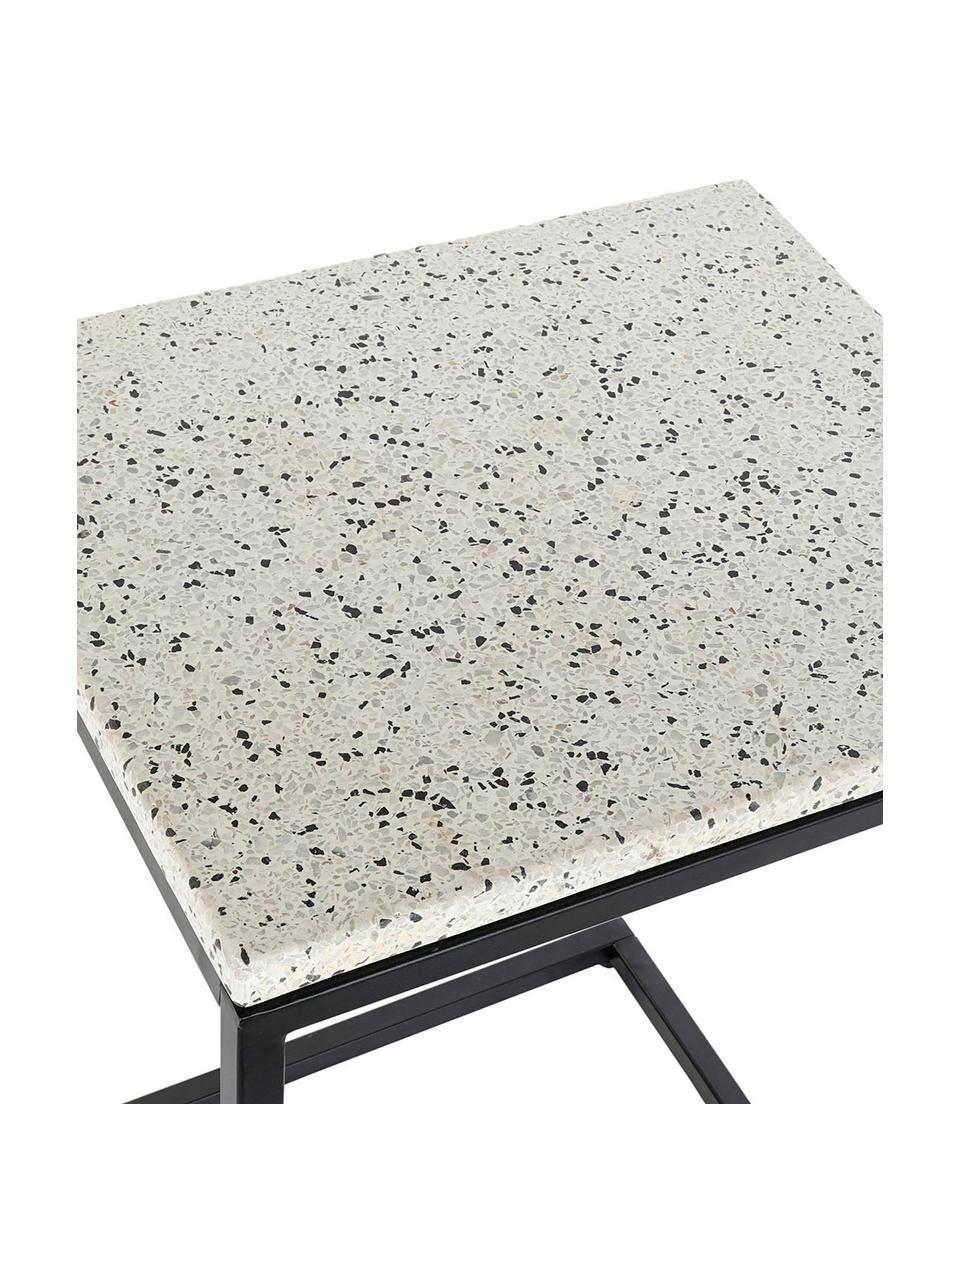 Tavolino in metallo con piano in terrazzo Pablo, Struttura: metallo, nero verniciato, Piano d'appoggio: cemento con terrazzo, Bianco, nero, multicolore, Larg. 40 x Alt. 65 cm